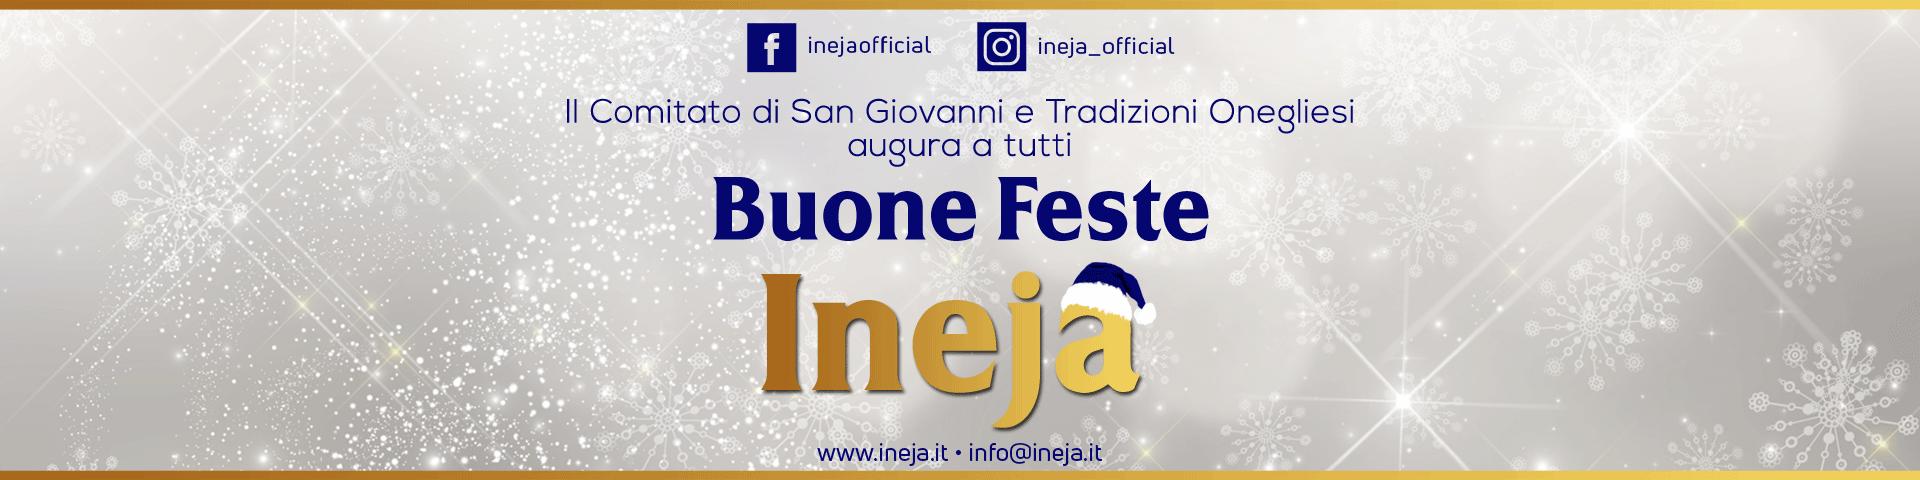 ineja-banner-sito-feste-2018